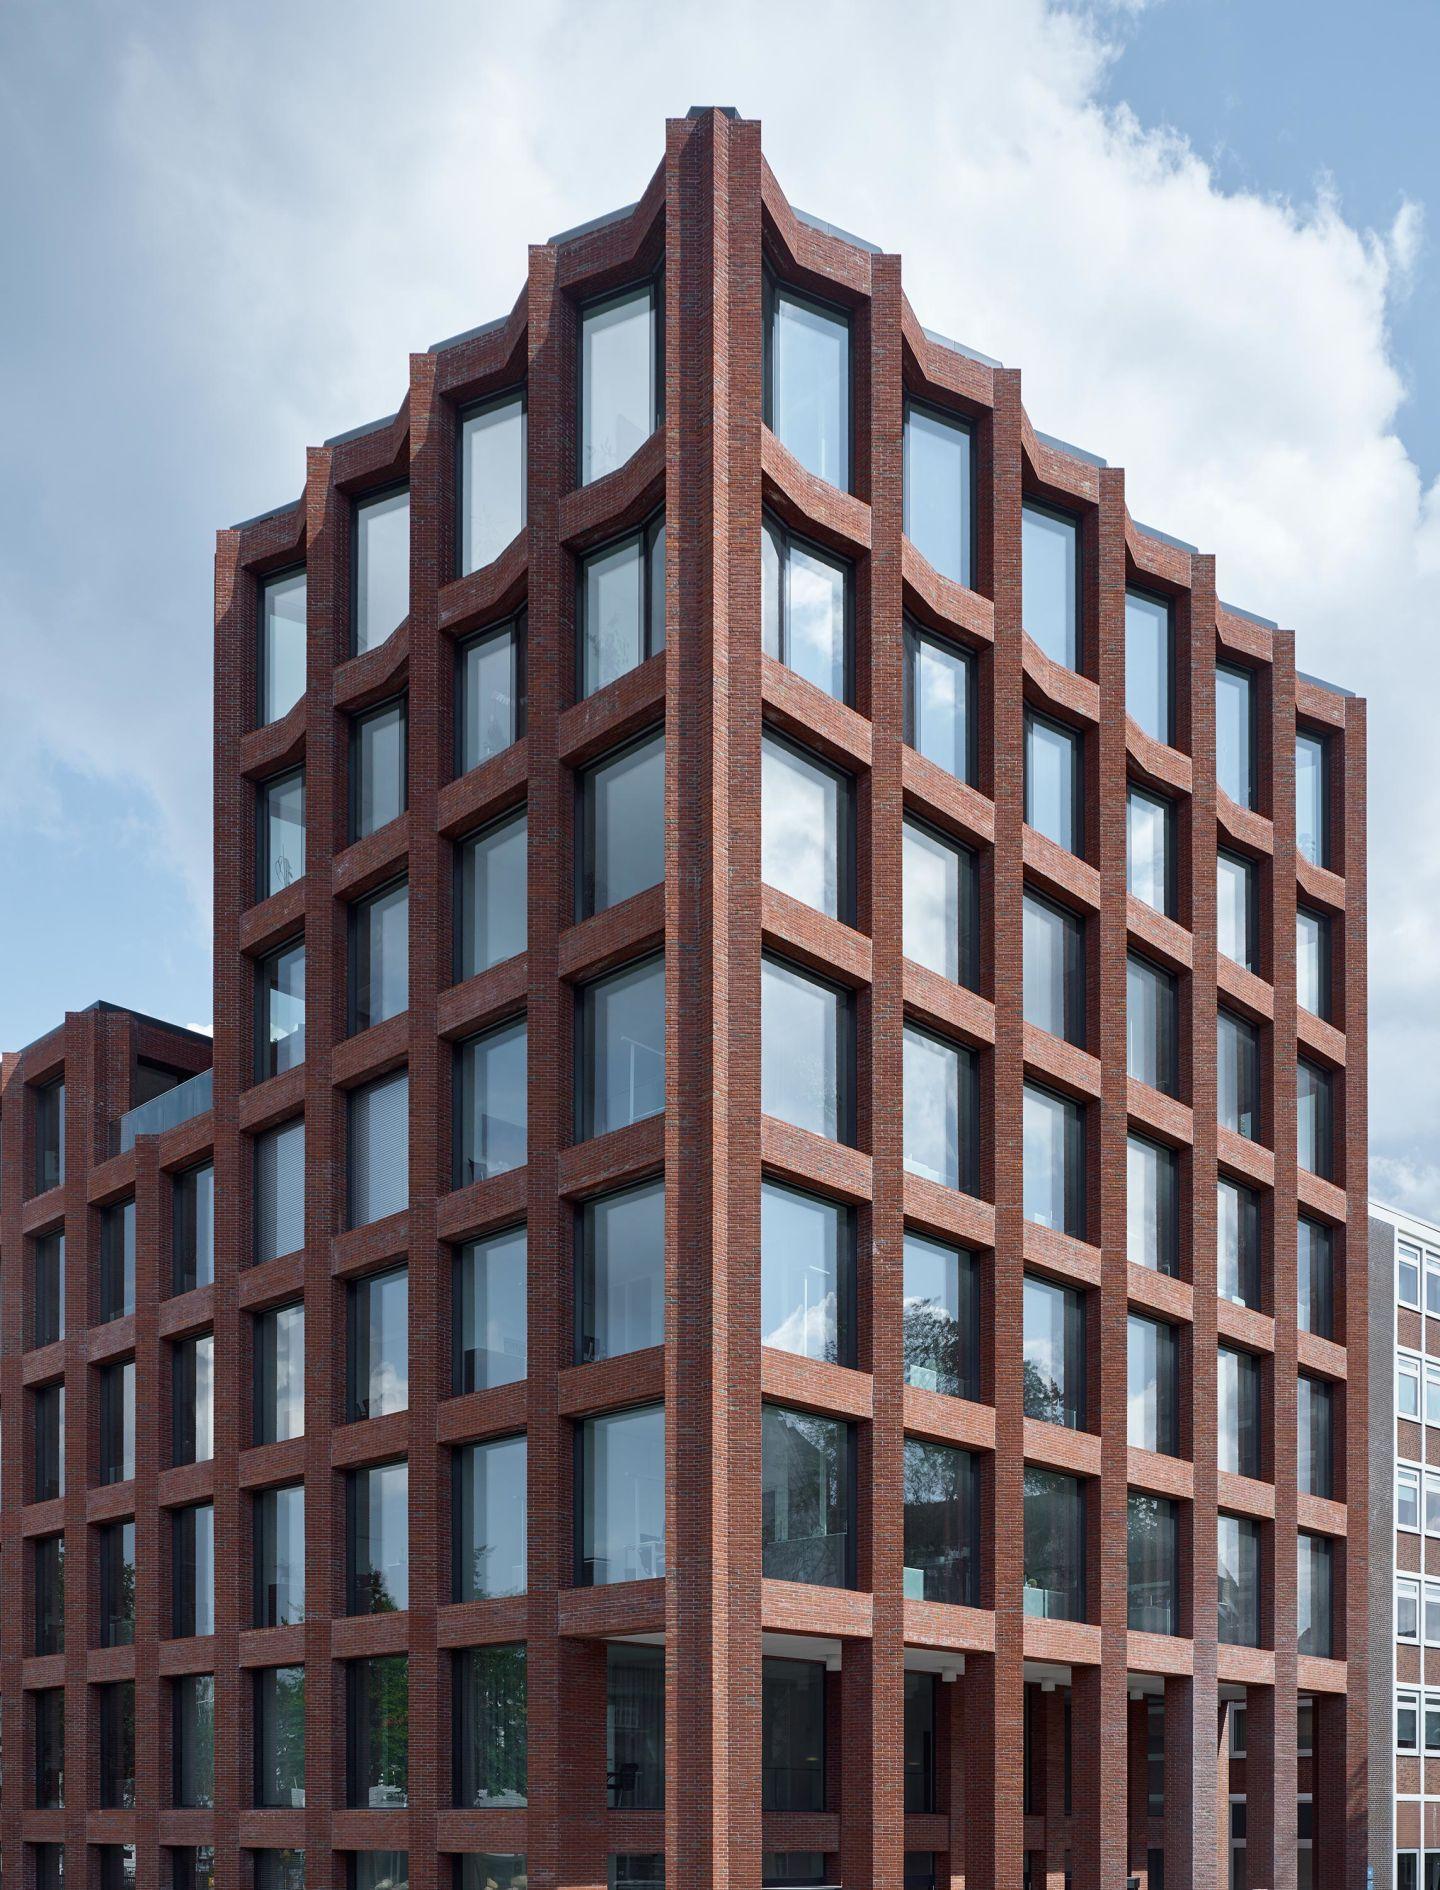 max dudler architekt stefan m ller dr gerwerk house 72 lubeck germay divisare. Black Bedroom Furniture Sets. Home Design Ideas